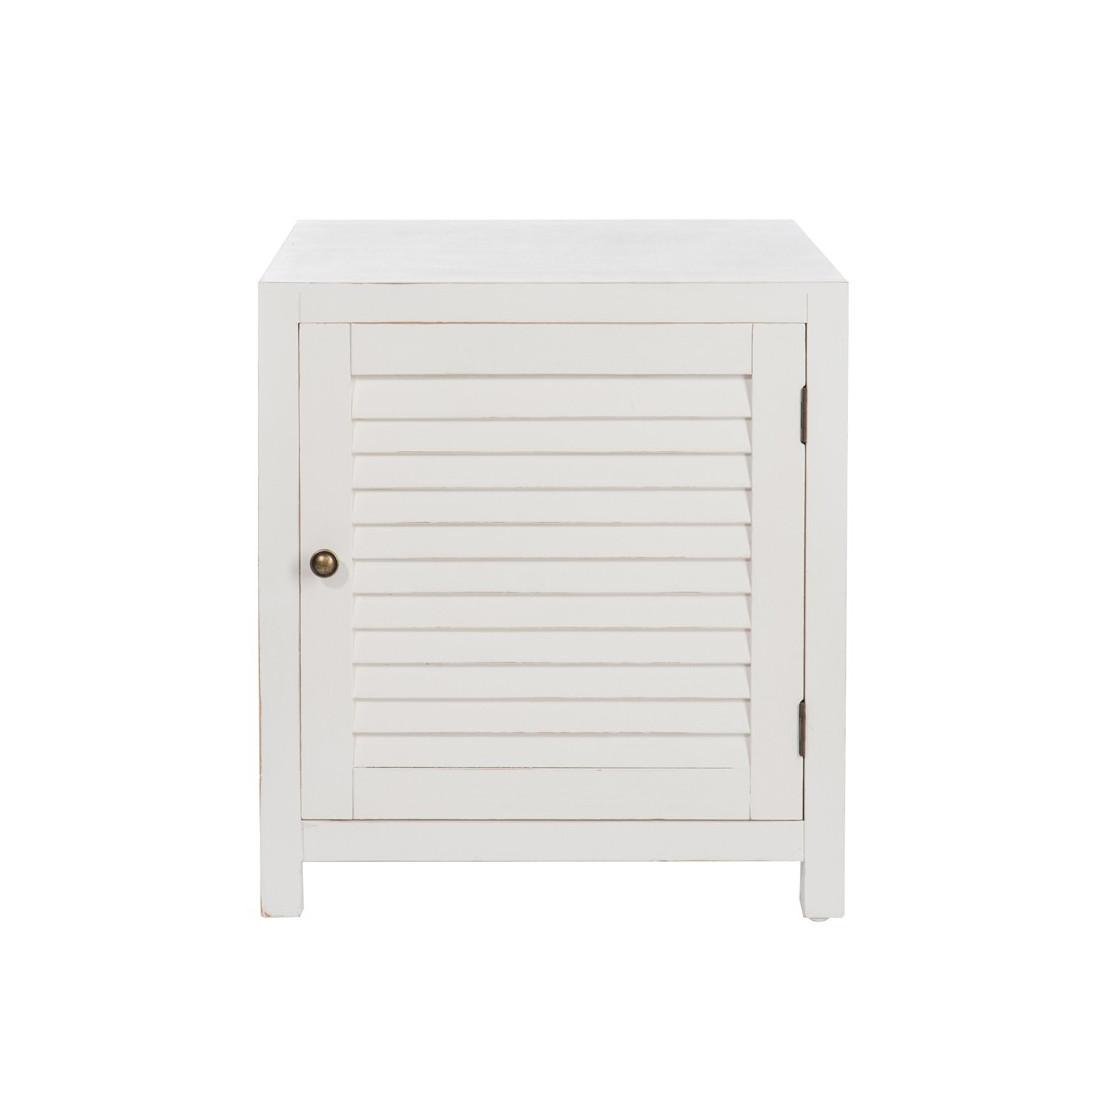 table de chevet en bois blanc boudebois univers de la chambre tousmesmeubles. Black Bedroom Furniture Sets. Home Design Ideas